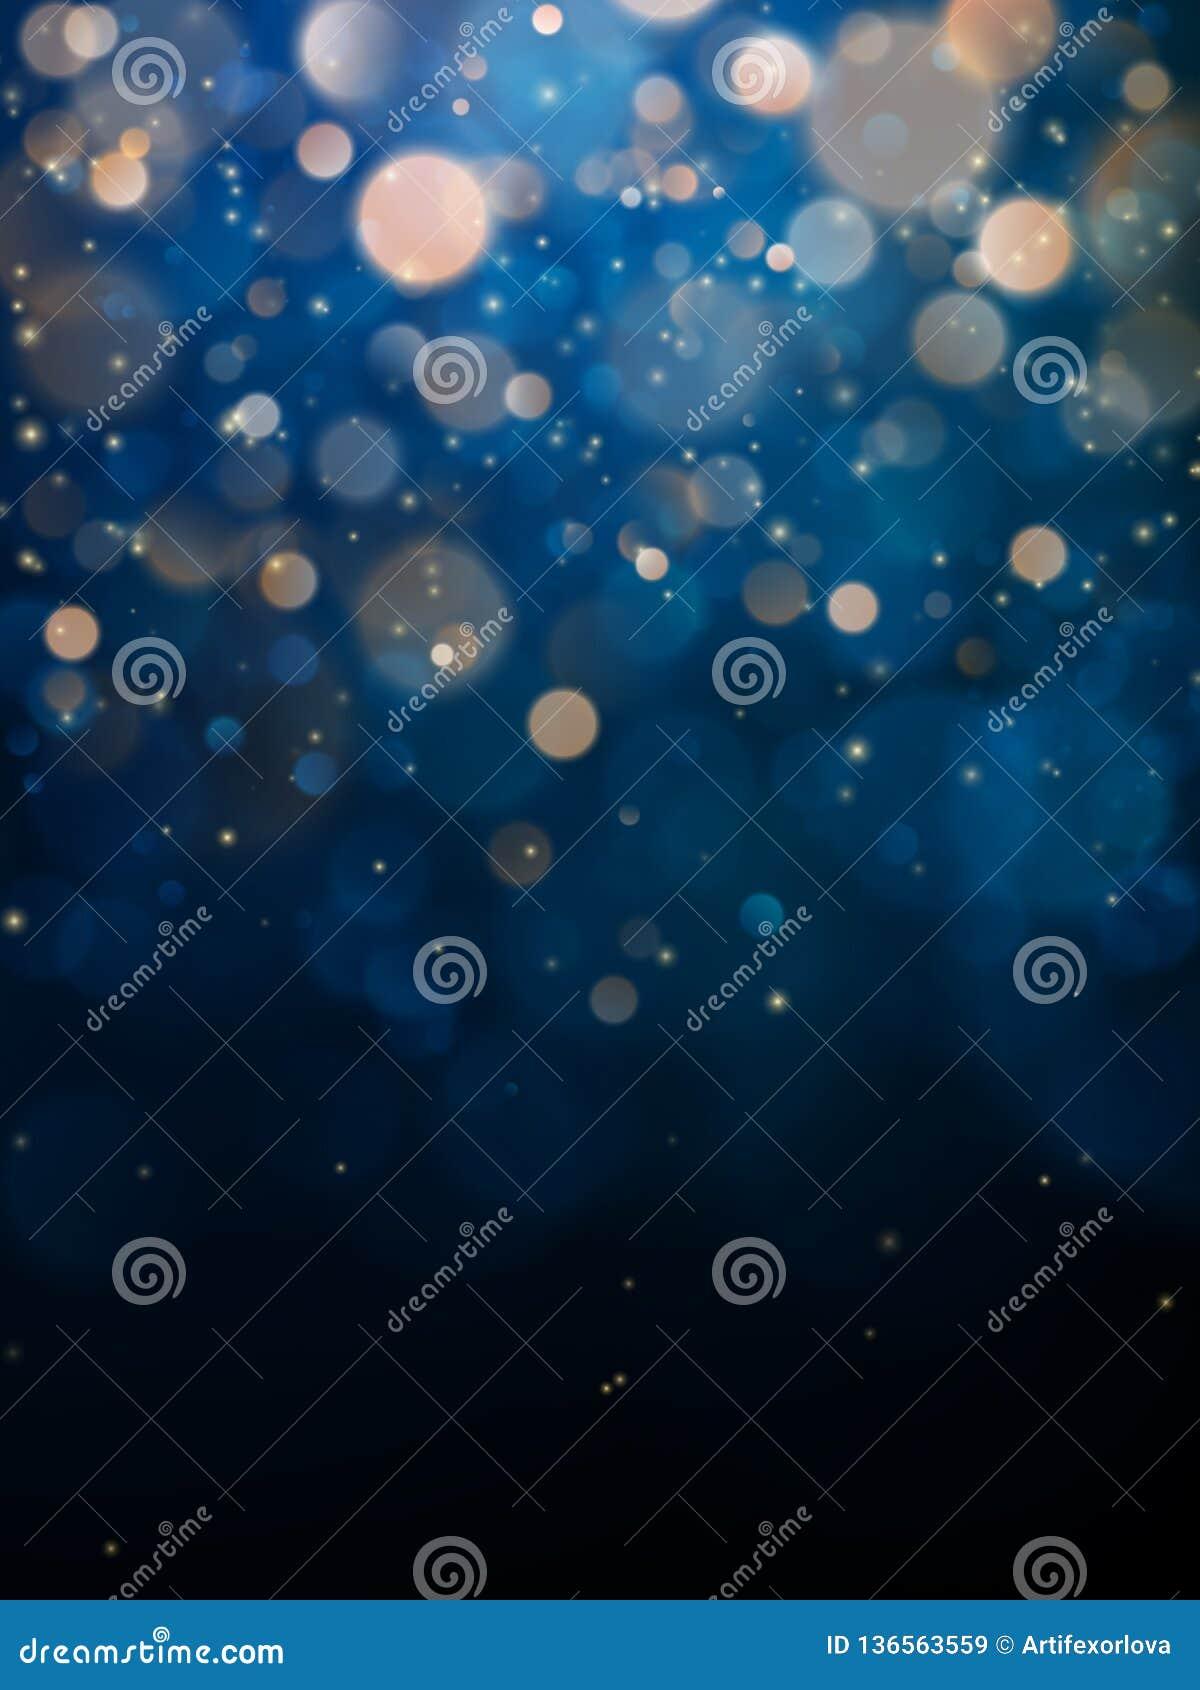 Luz borrosa del bokeh en fondo azul marino Plantilla de los días de fiesta de la Navidad y del Año Nuevo Brillo abstracto Defocus